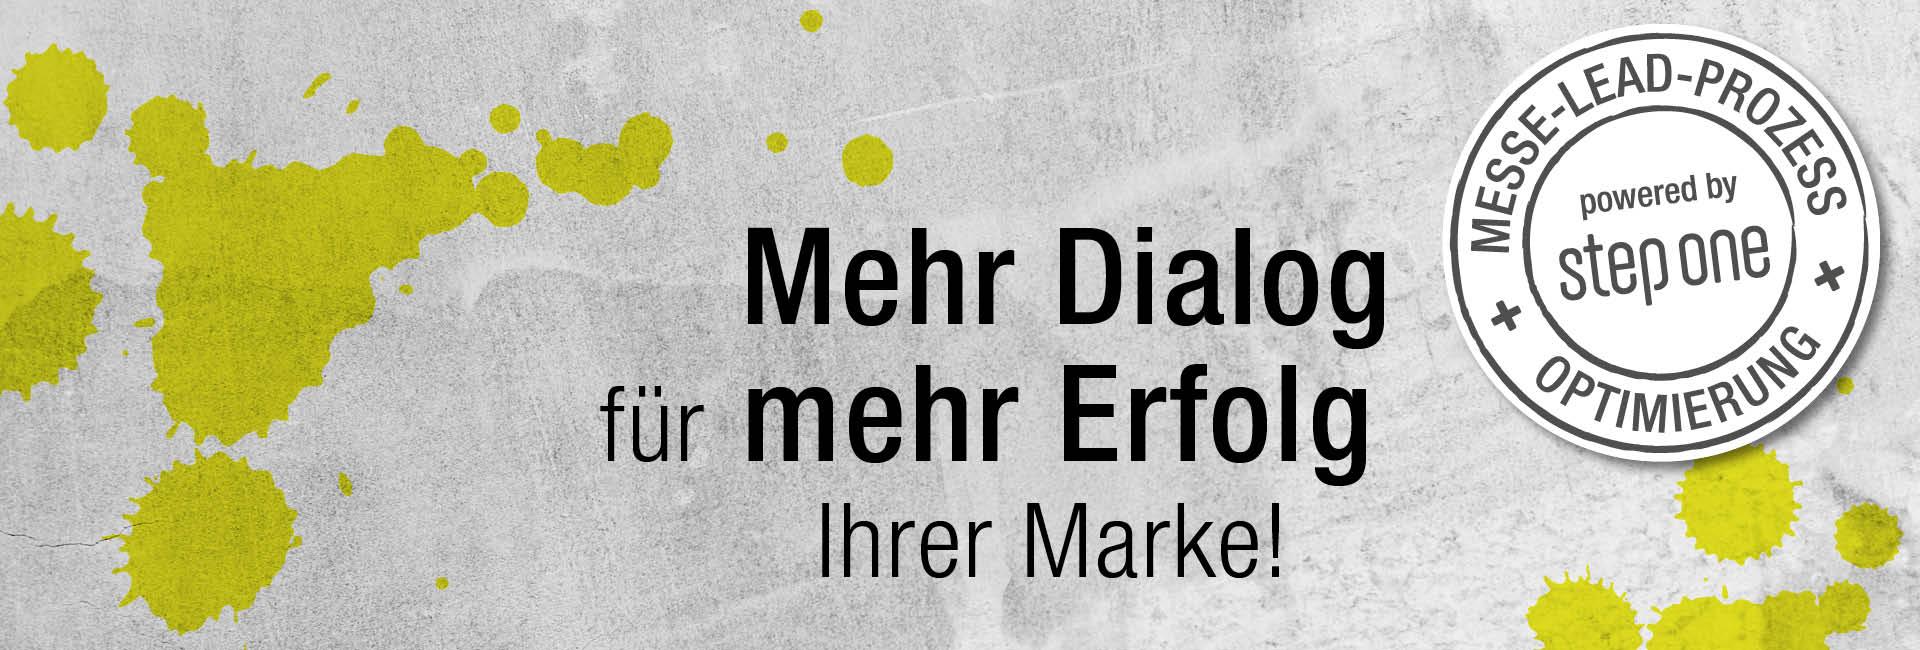 Mehr Dialog  für mehr Erfolg Ihrer Marke!